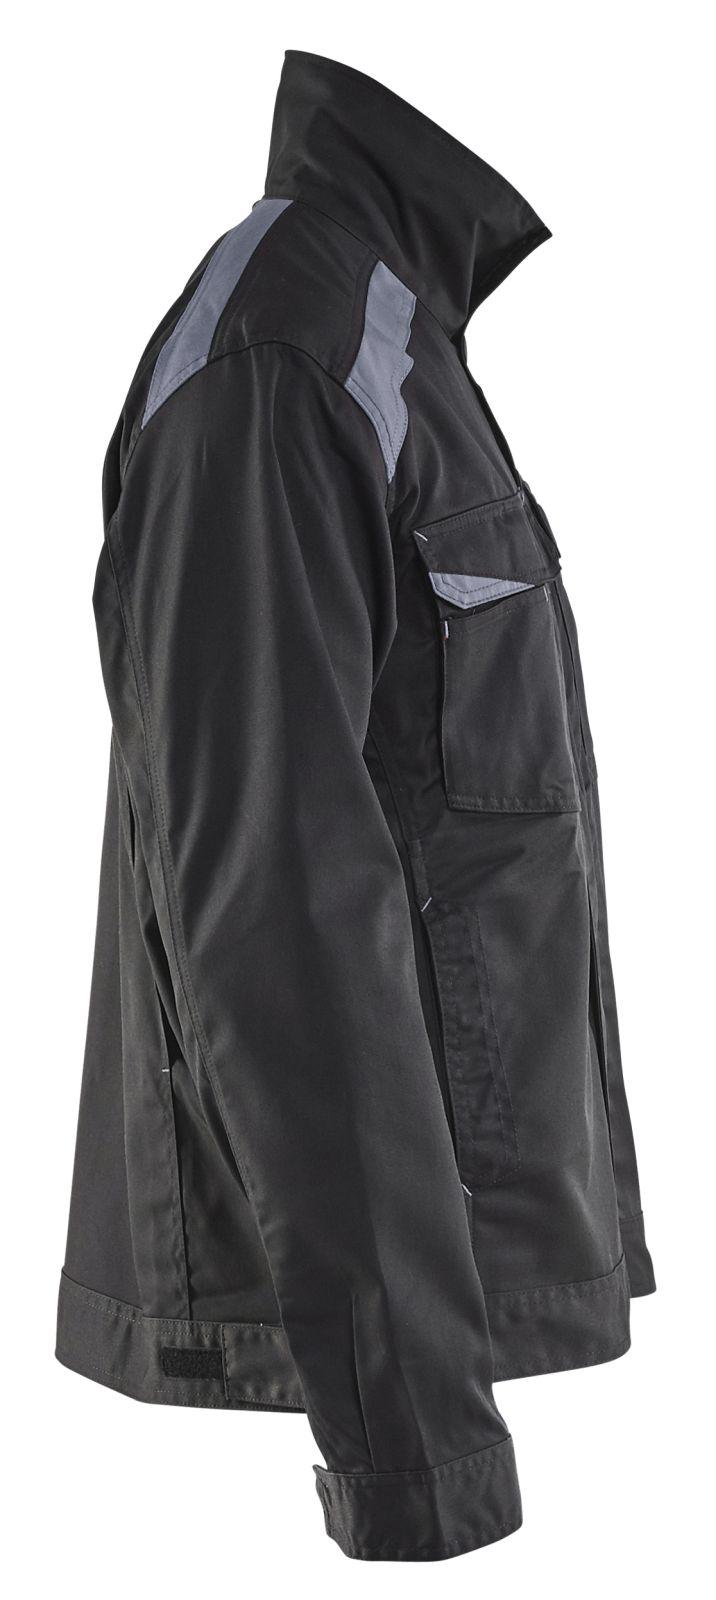 Blaklader Jassen 40541800 zwart-grijs(9994)